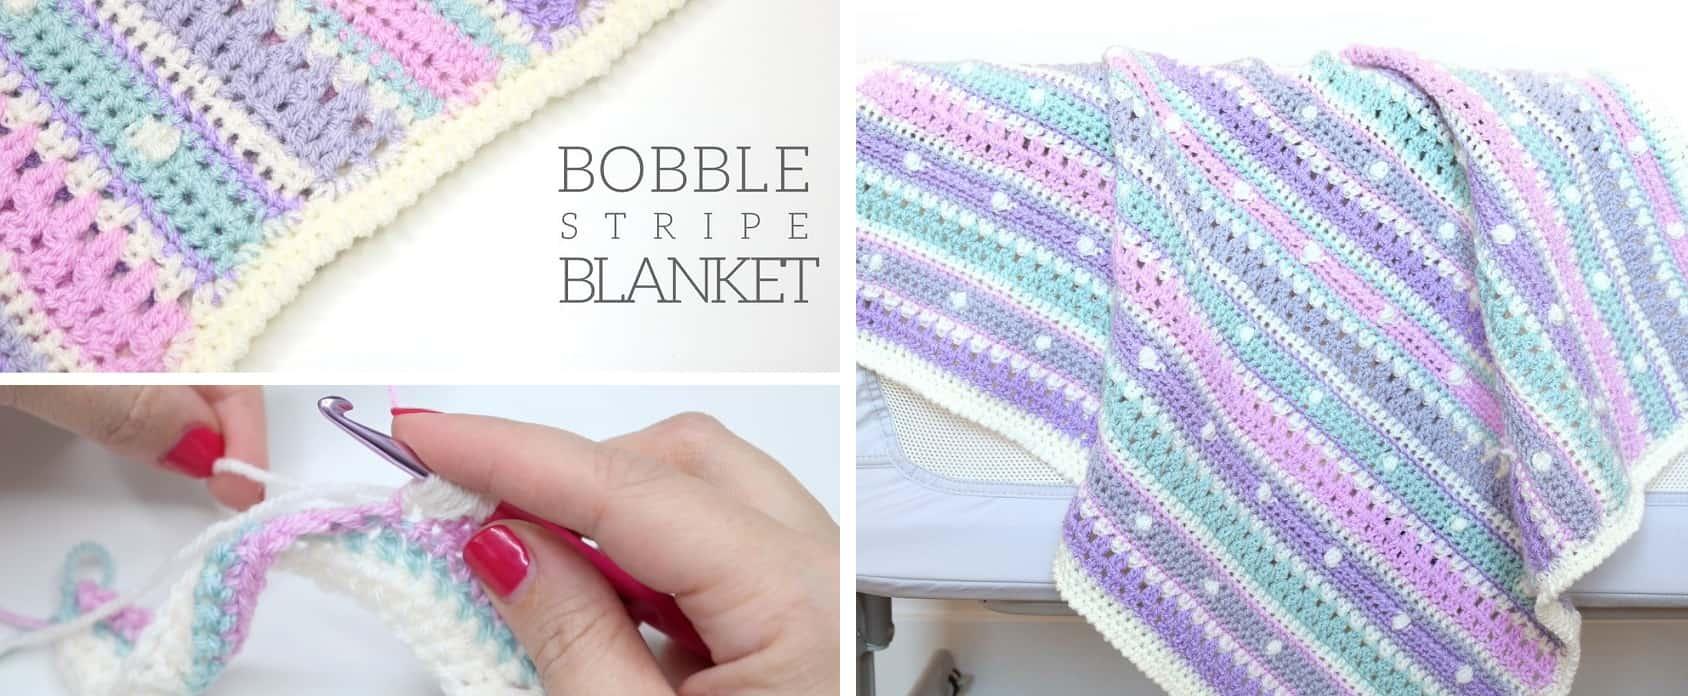 Bobble stripe blanket